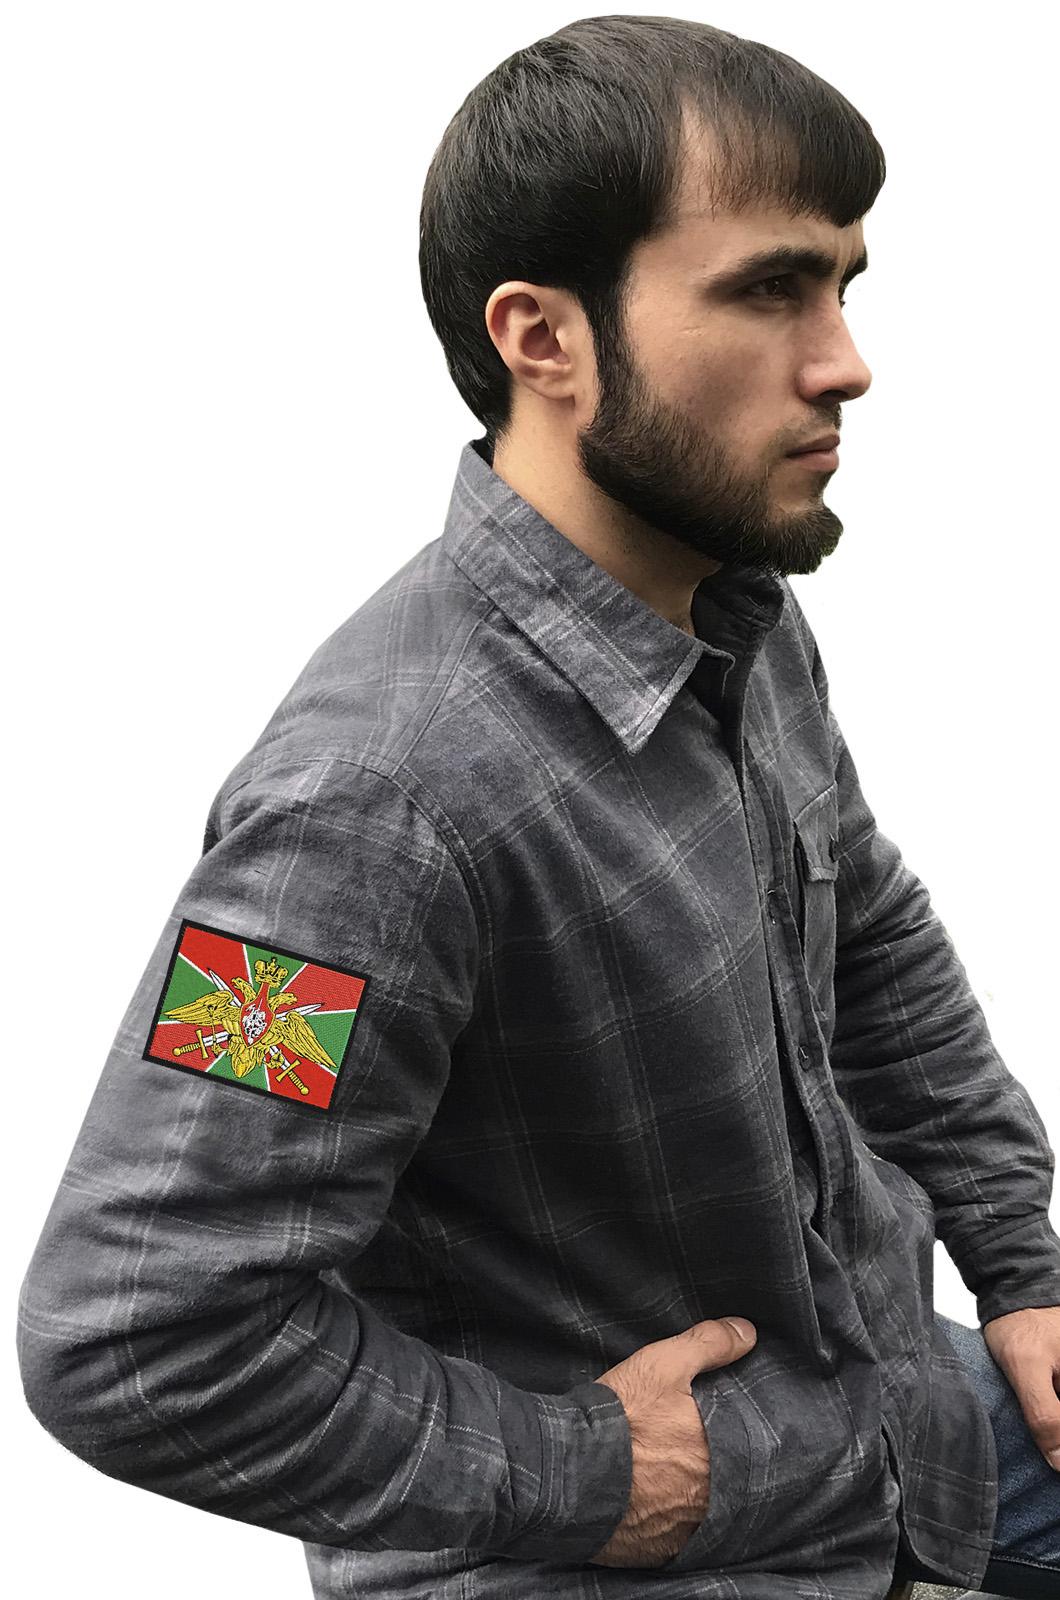 Недорогие пограничные рубашки для мужчин